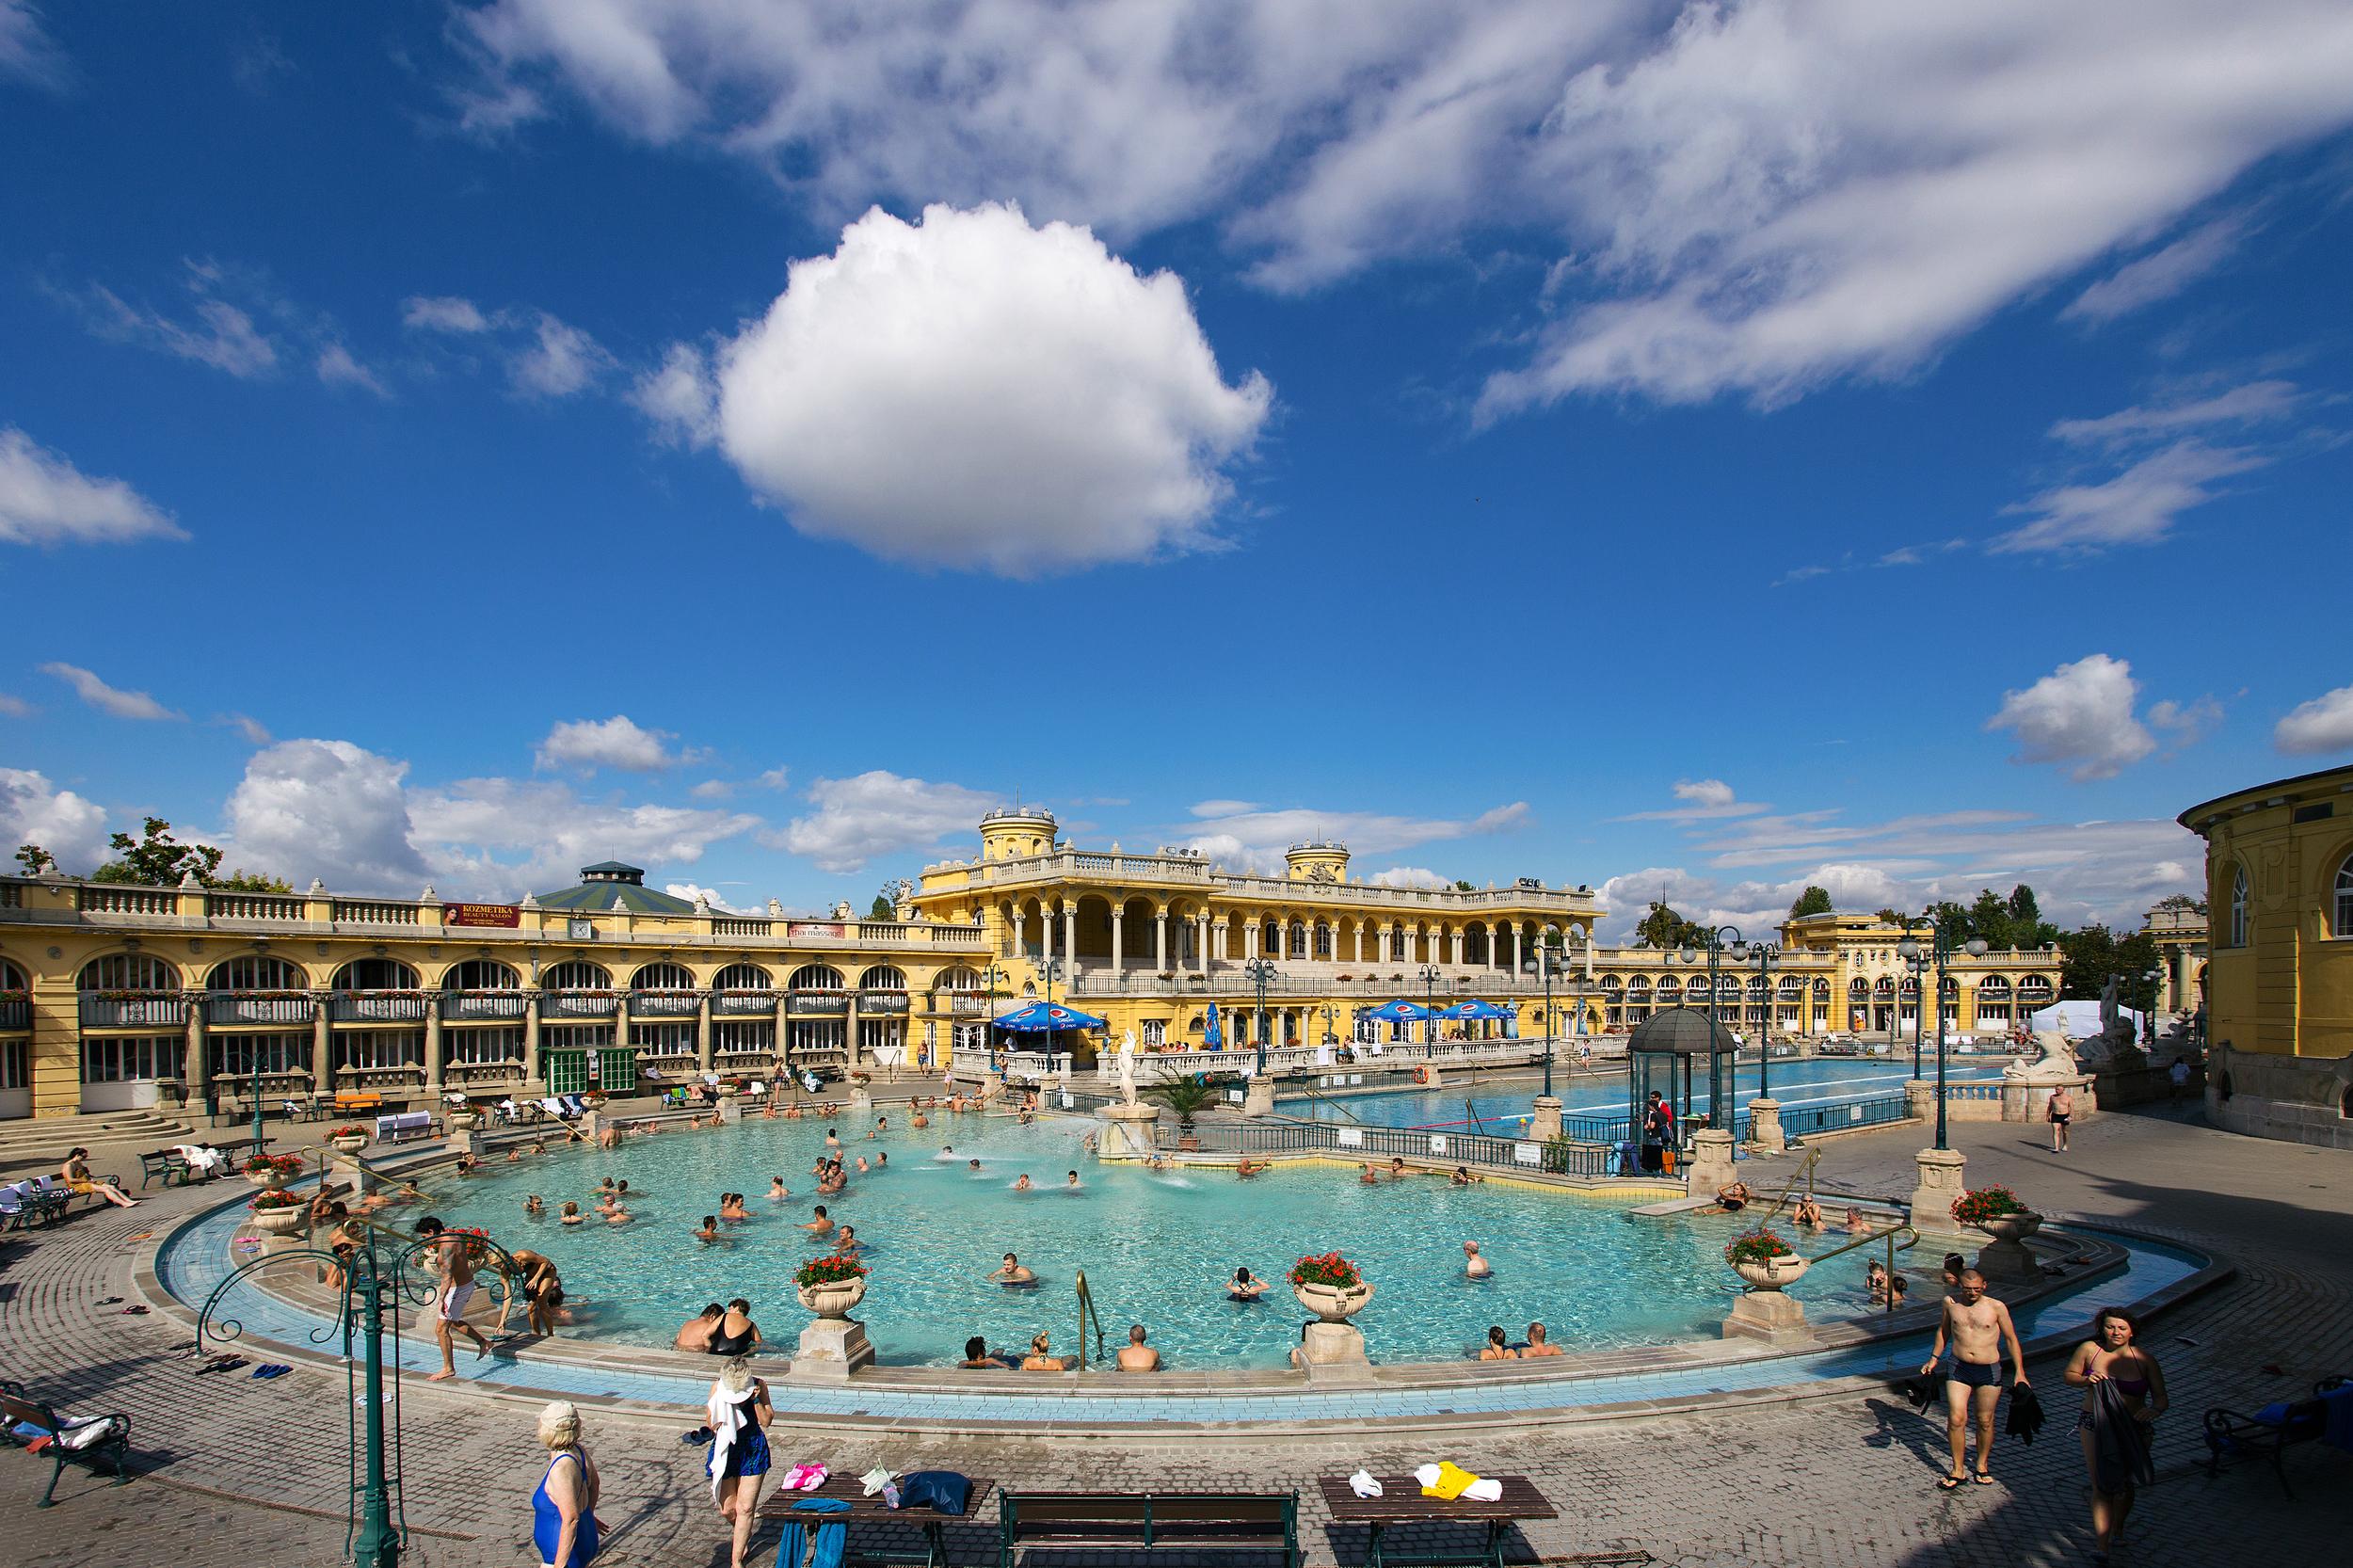 Széchenyi Thermal Bath